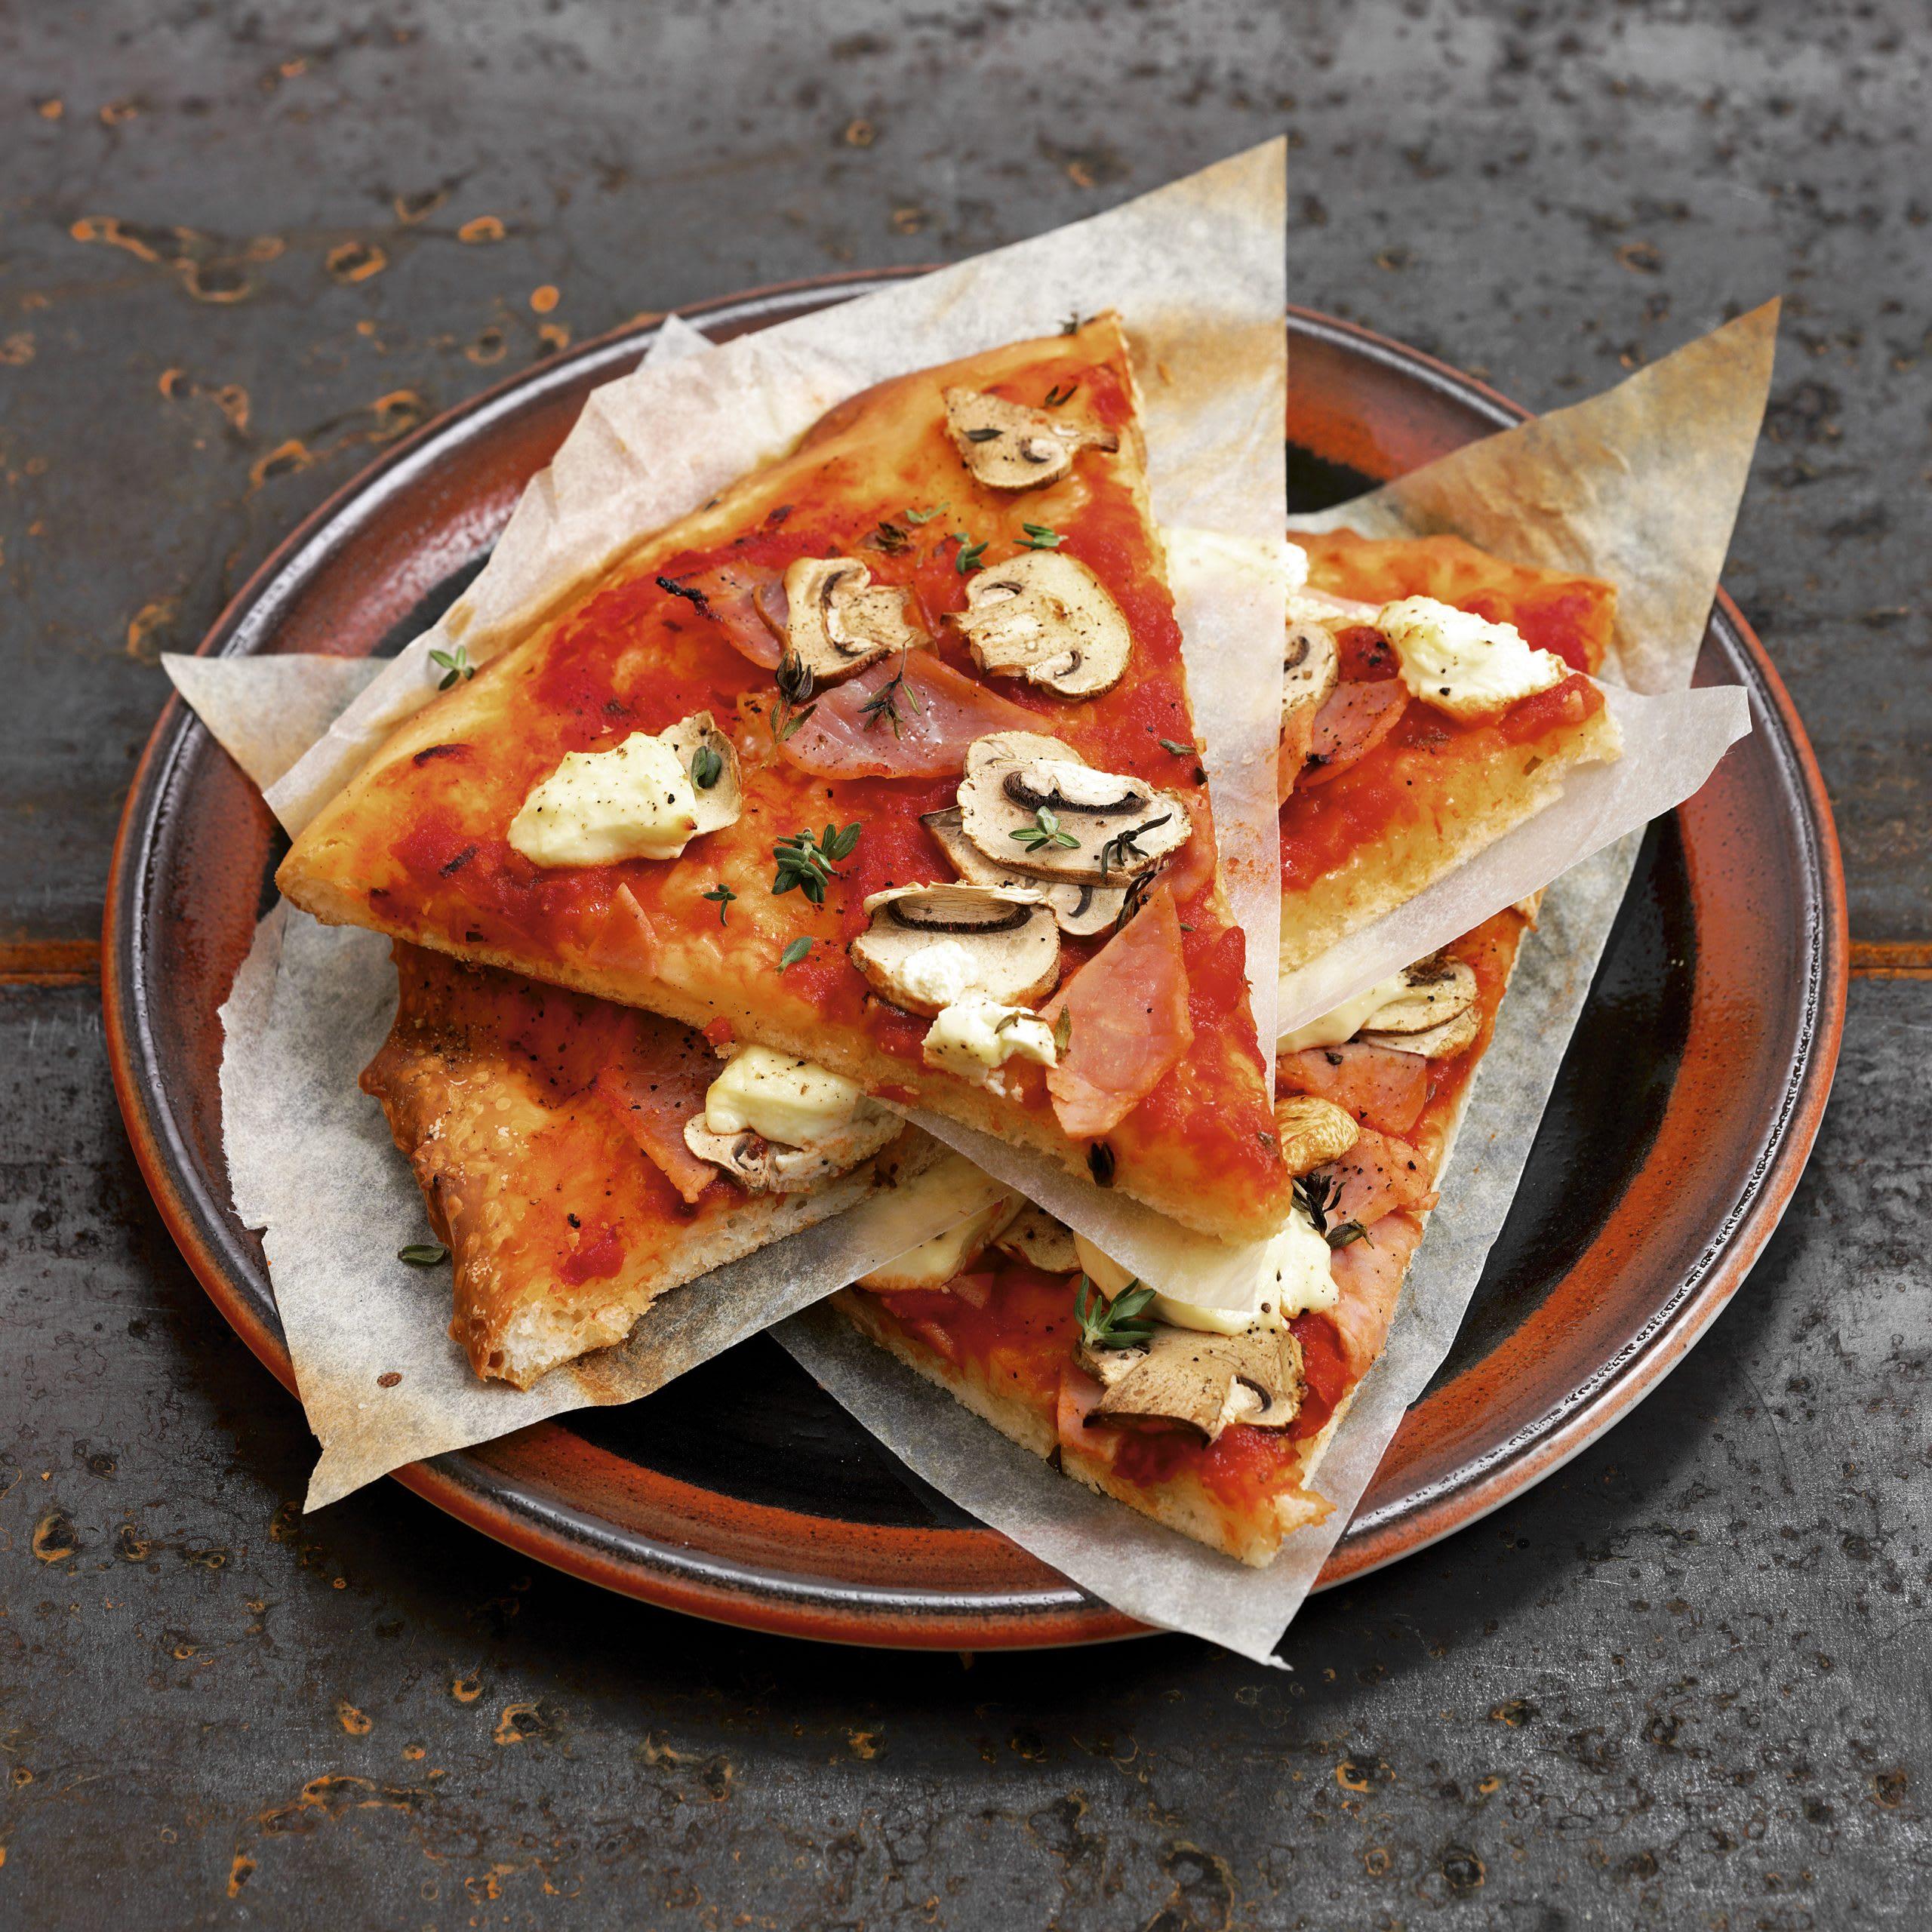 Pizza jambon-champignons et fromage frais